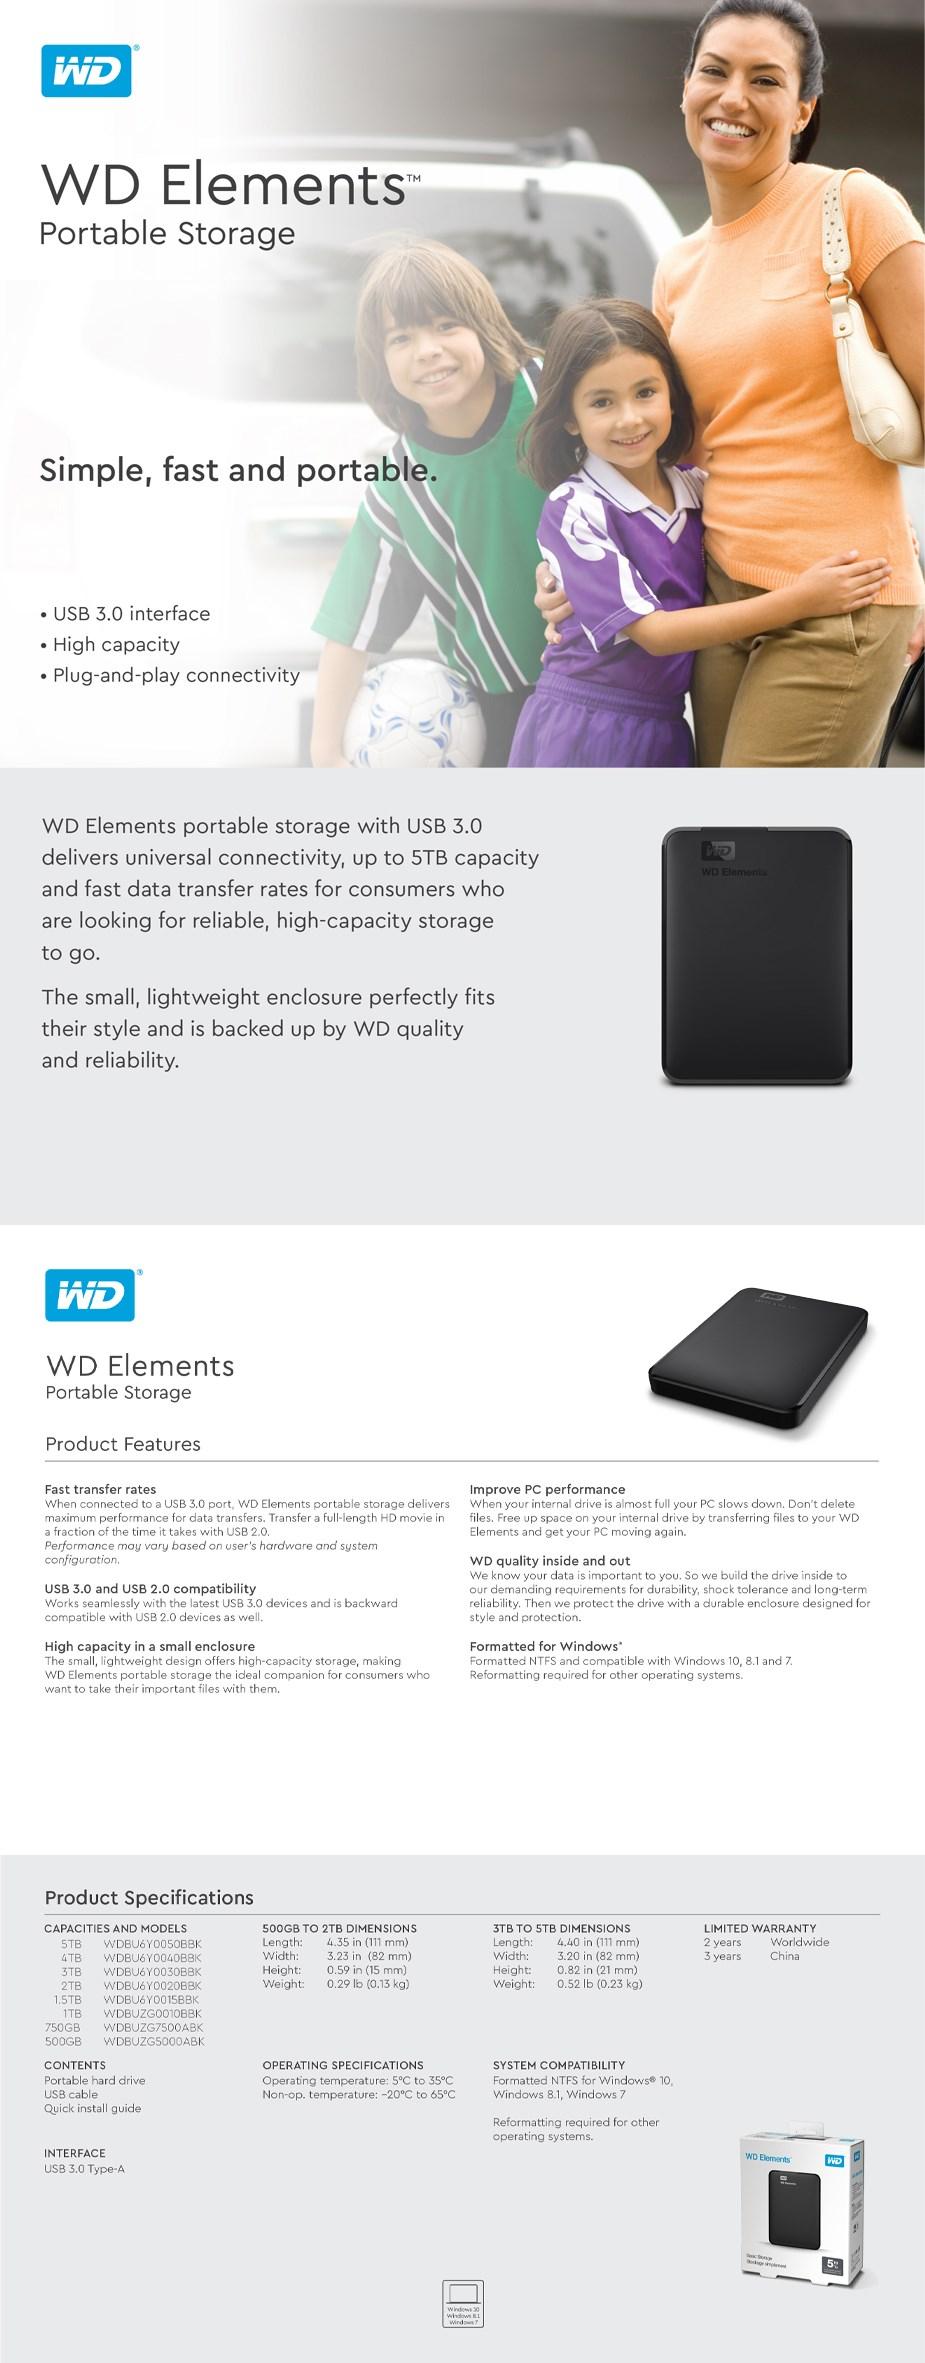 wd-elements-1tb-usb-30-portable-external-hard-drive-ac34362-6-2-.jpg